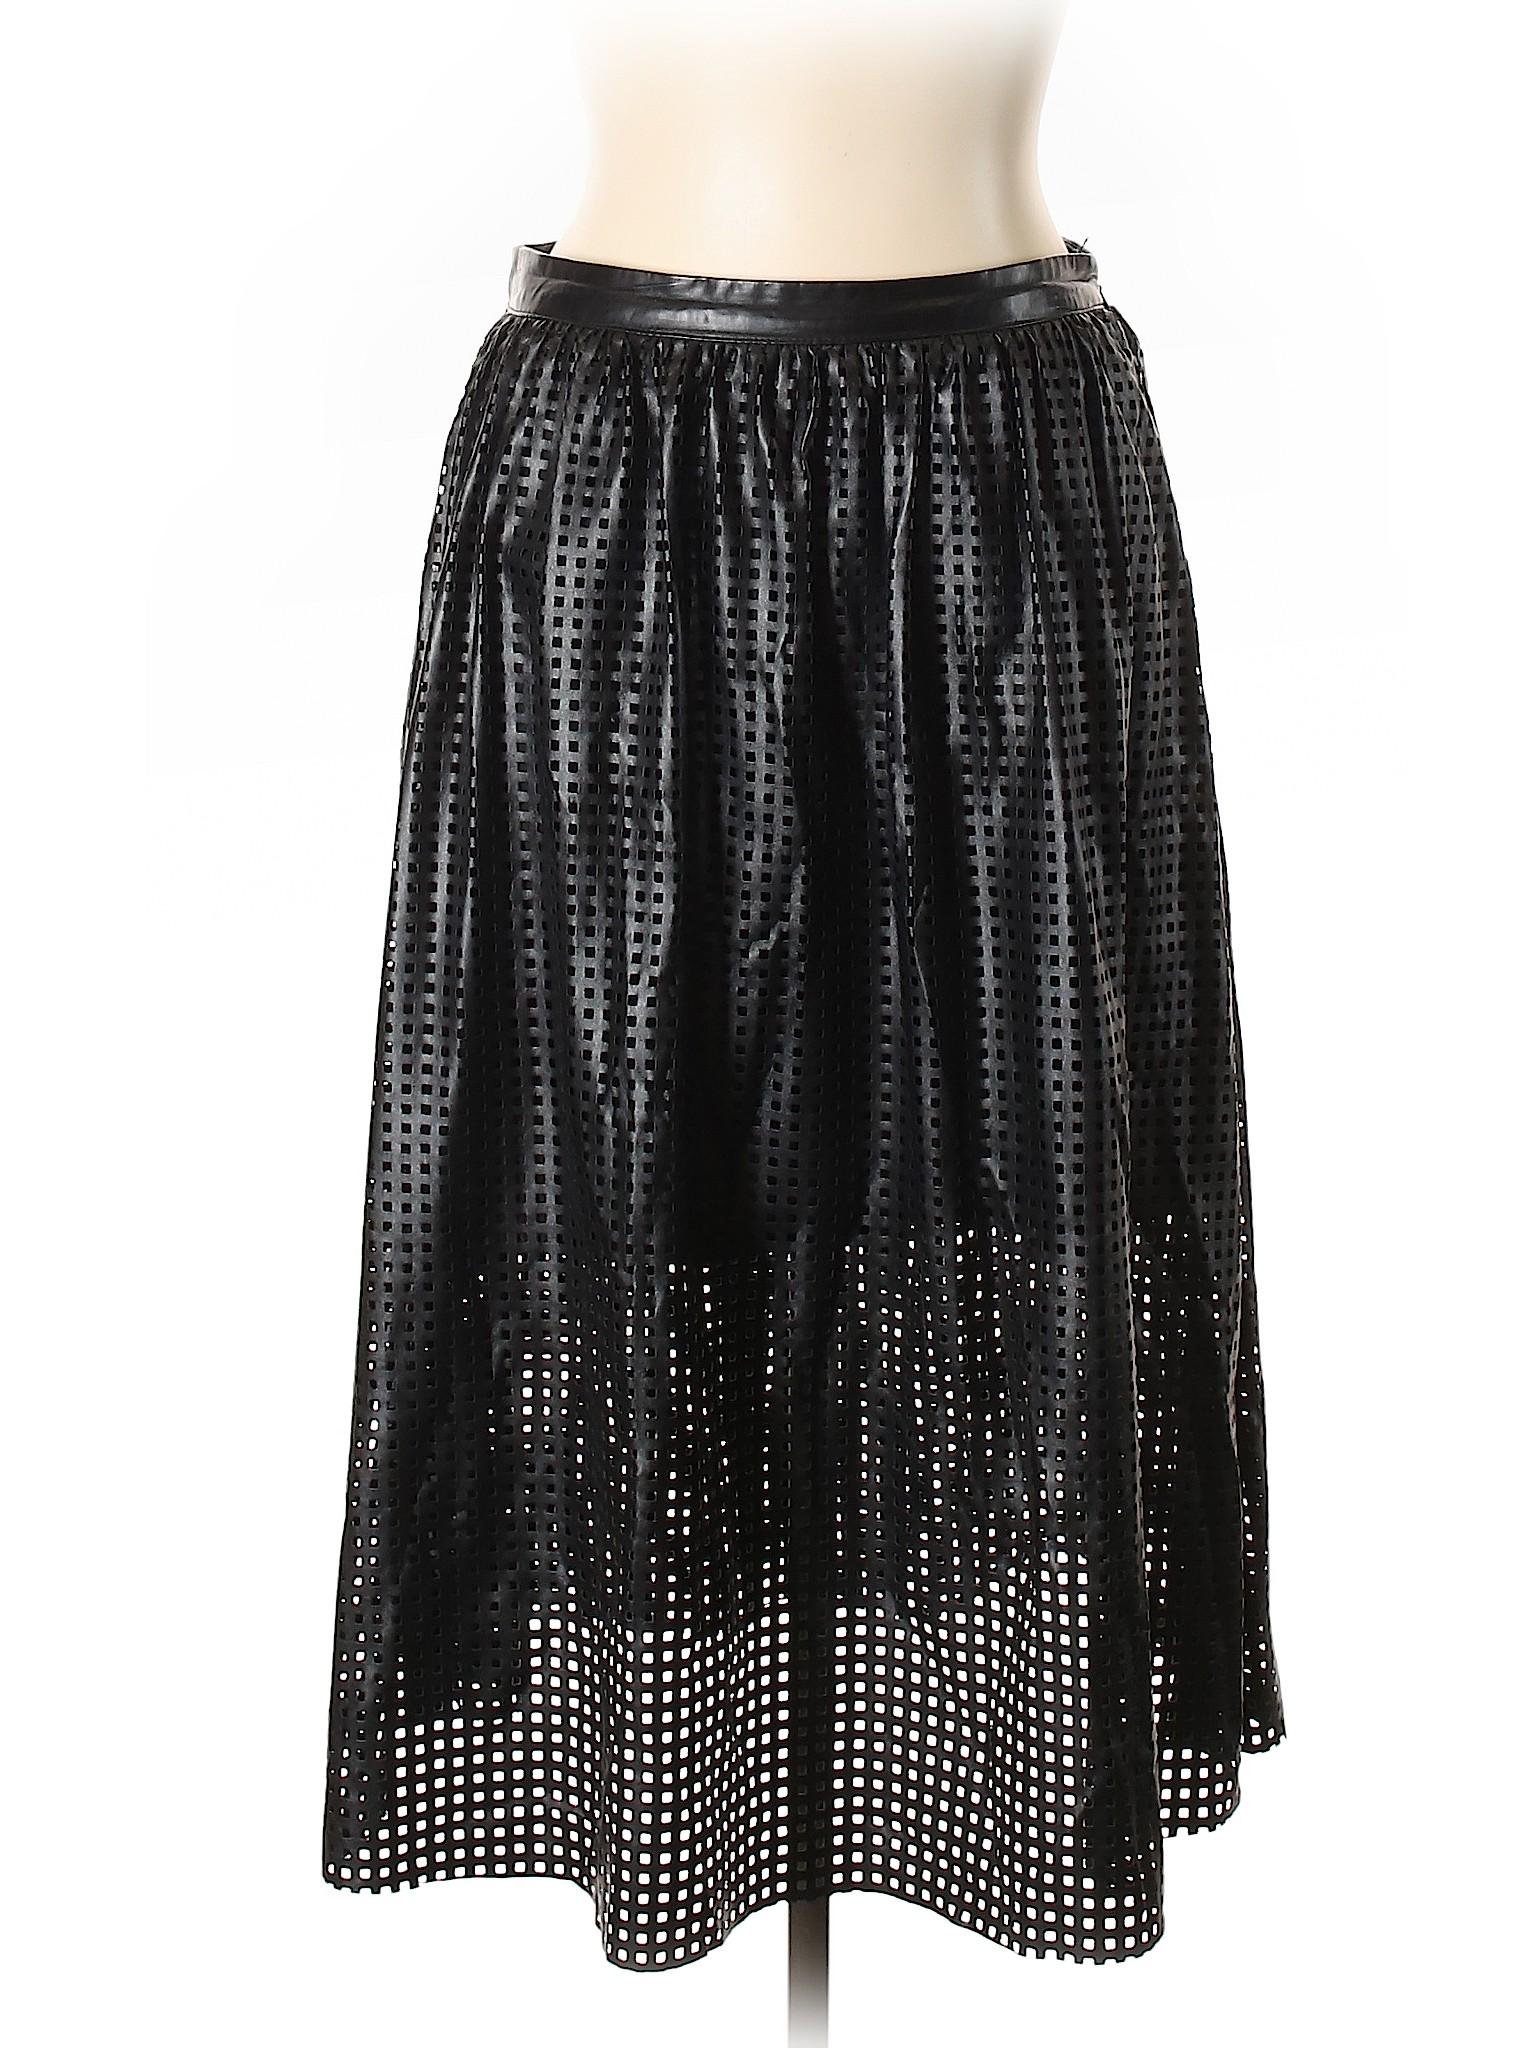 Boutique Boutique Casual Skirt Casual Skirt Boutique xUUTqH0wZ